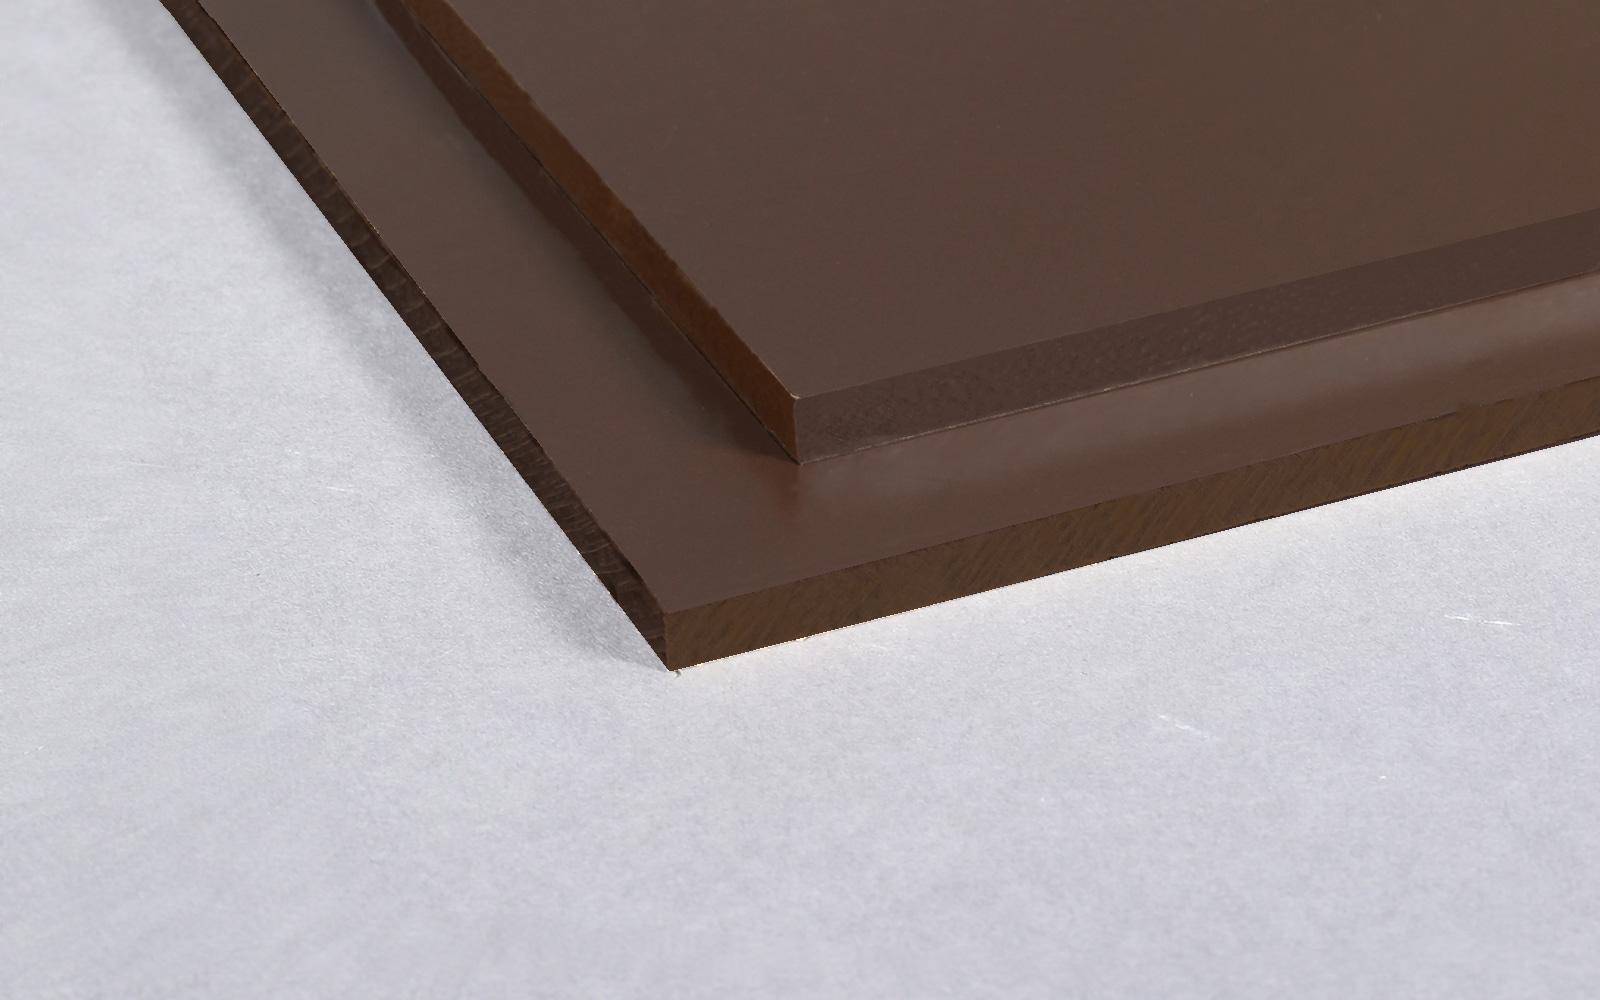 SRBP Paper Laminates